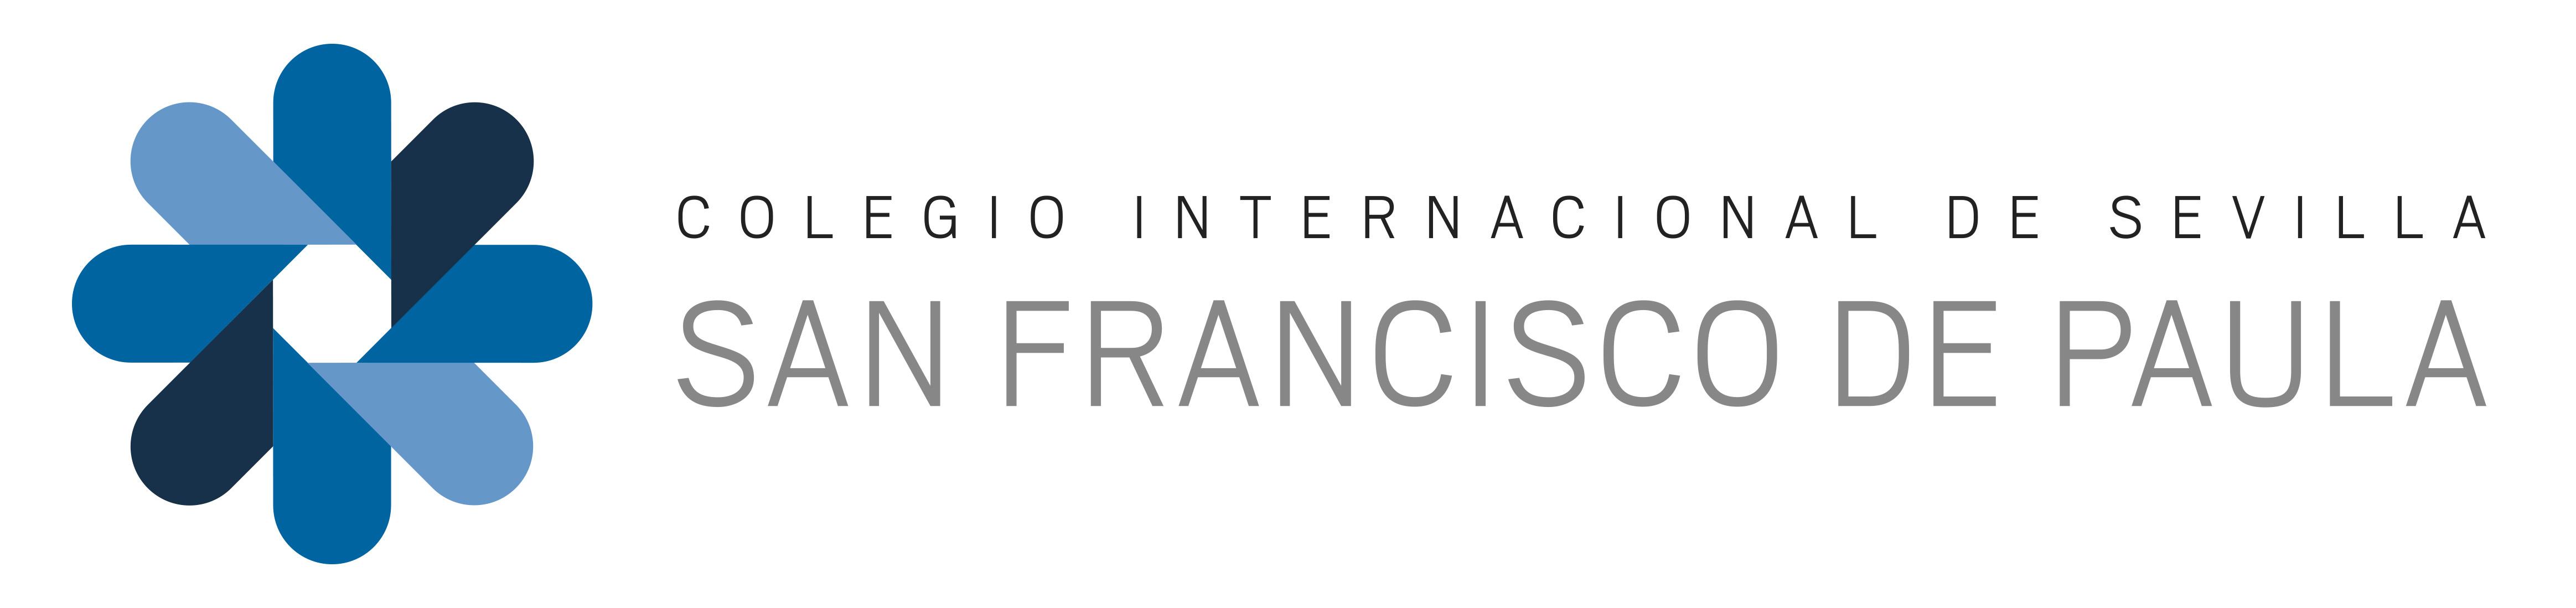 NOTA DE AGENDA Y CONVOCATORIA A GRÁFICOS: EL COLEGIO INTERNACIONAL DE SEVILLA SAN FRANCISCO DE PAULA CAMBIA DE PIEL Y SE TRANSFORMA EN CHINA DESDE MAÑANA MARTES CON LA IMPLICACIÓN DE MÁS DE 1.000 ALUMNOS